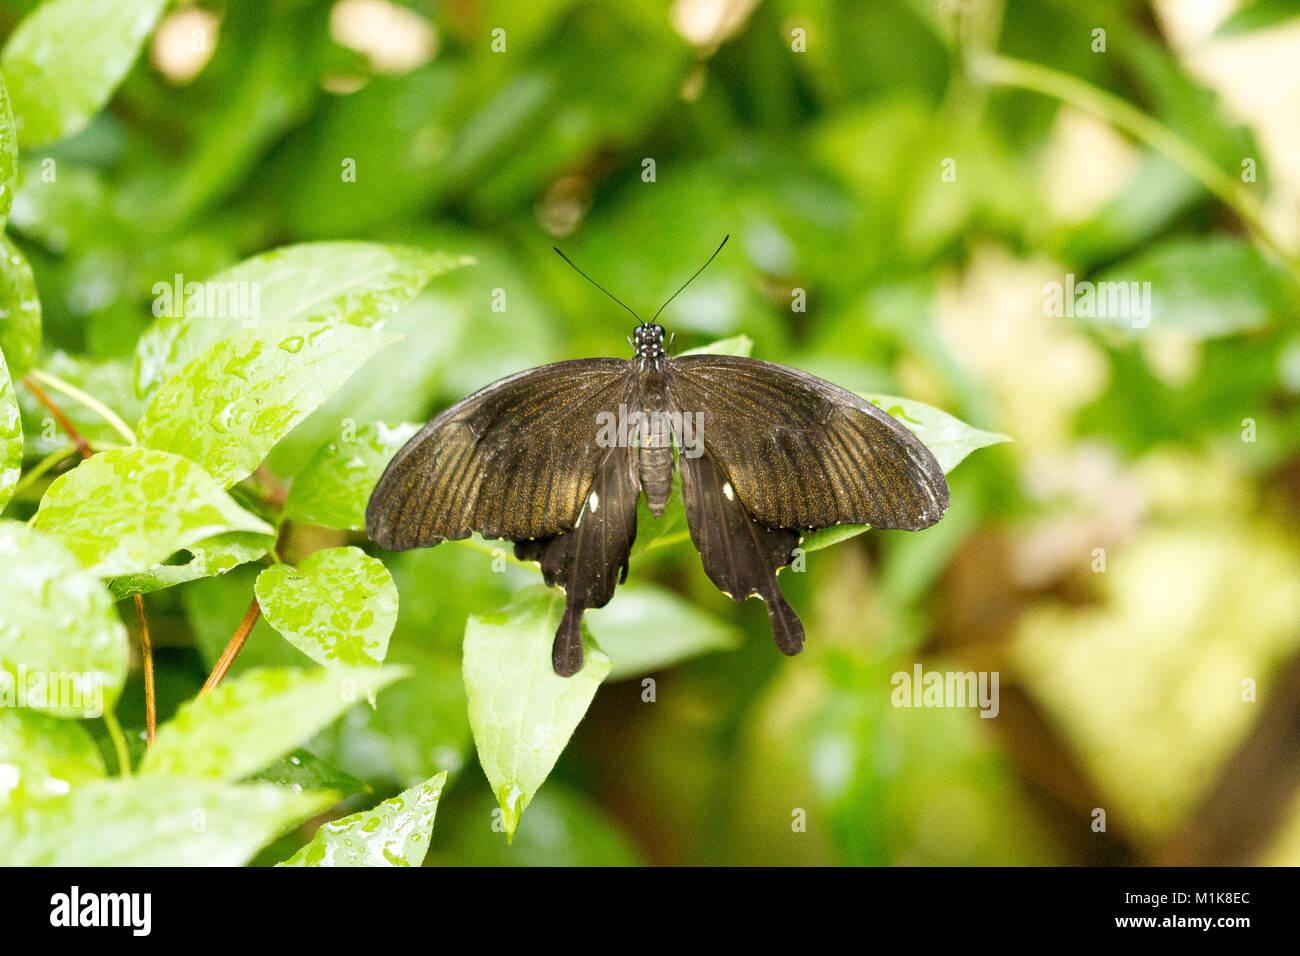 Lime a coda di rondine, Butterfly Papilio demoleus, Rose a coda di rondine Immagini Stock